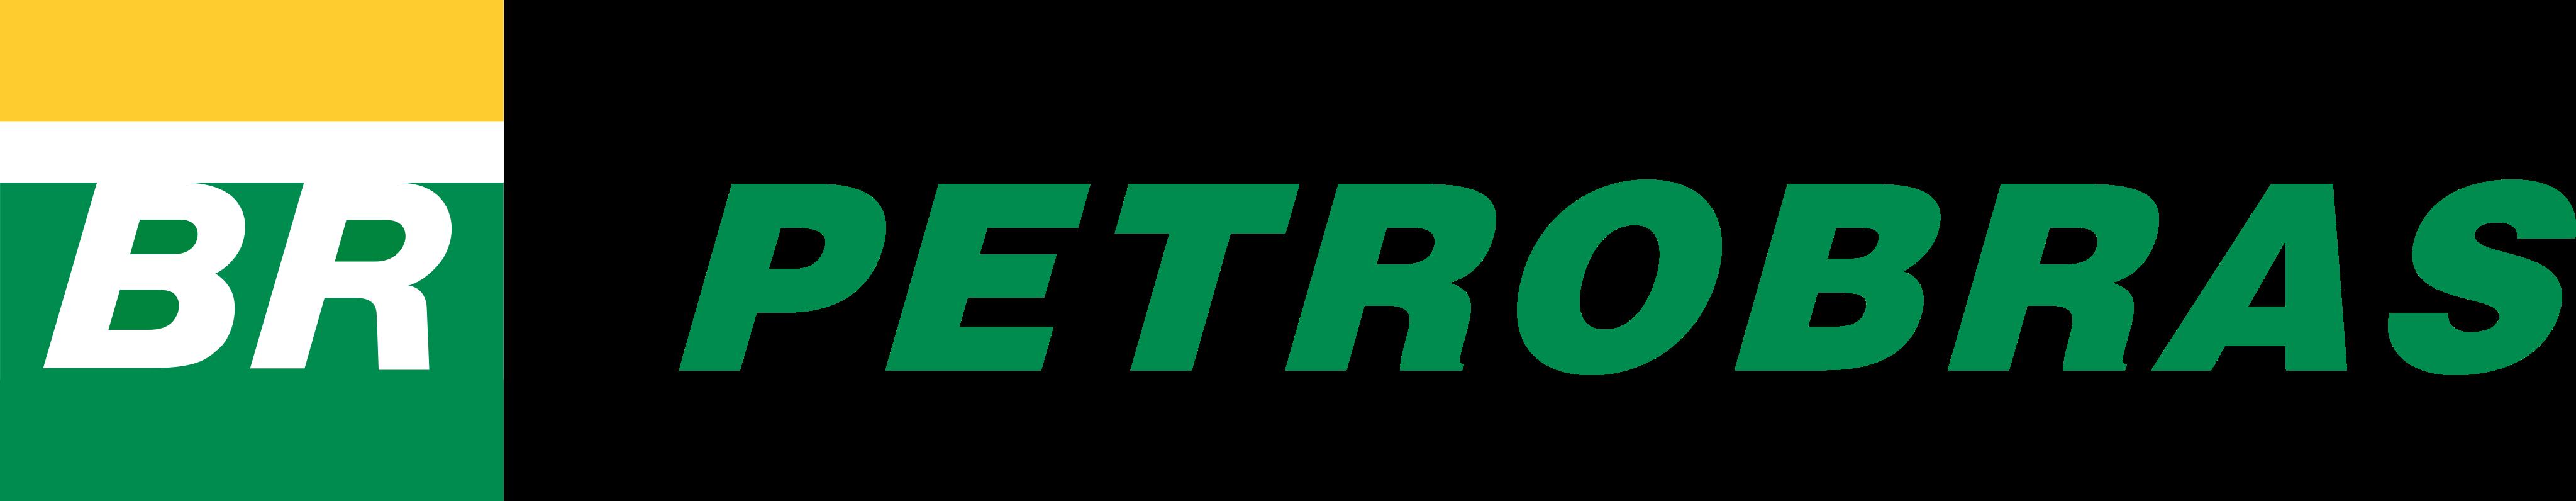 petrobras logo 7 - Petrobras Logo